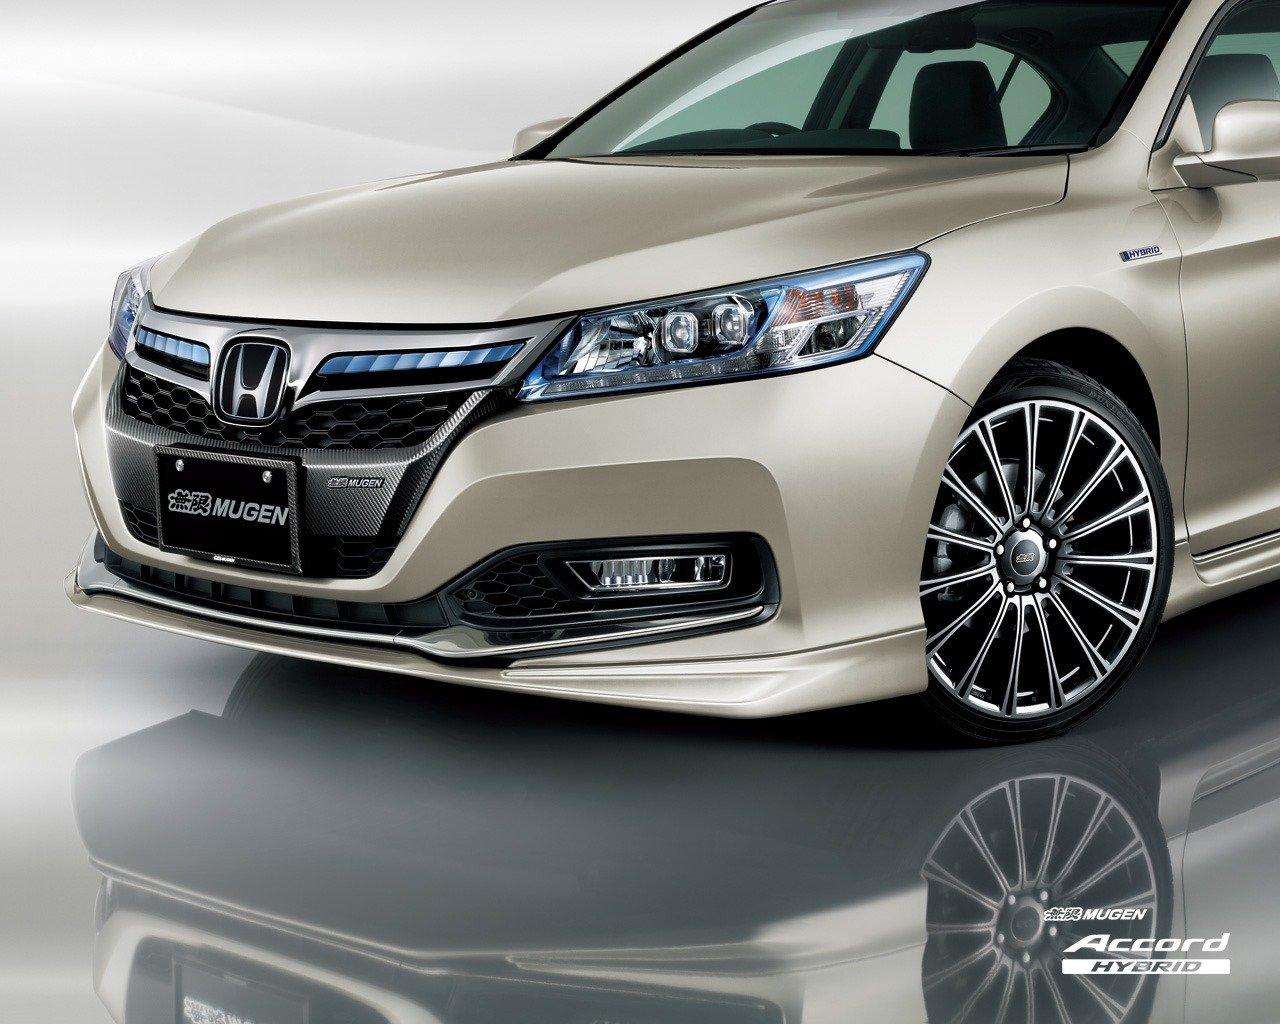 Honda Accord Hybrid By Mugen Bodykit Sports Suspension